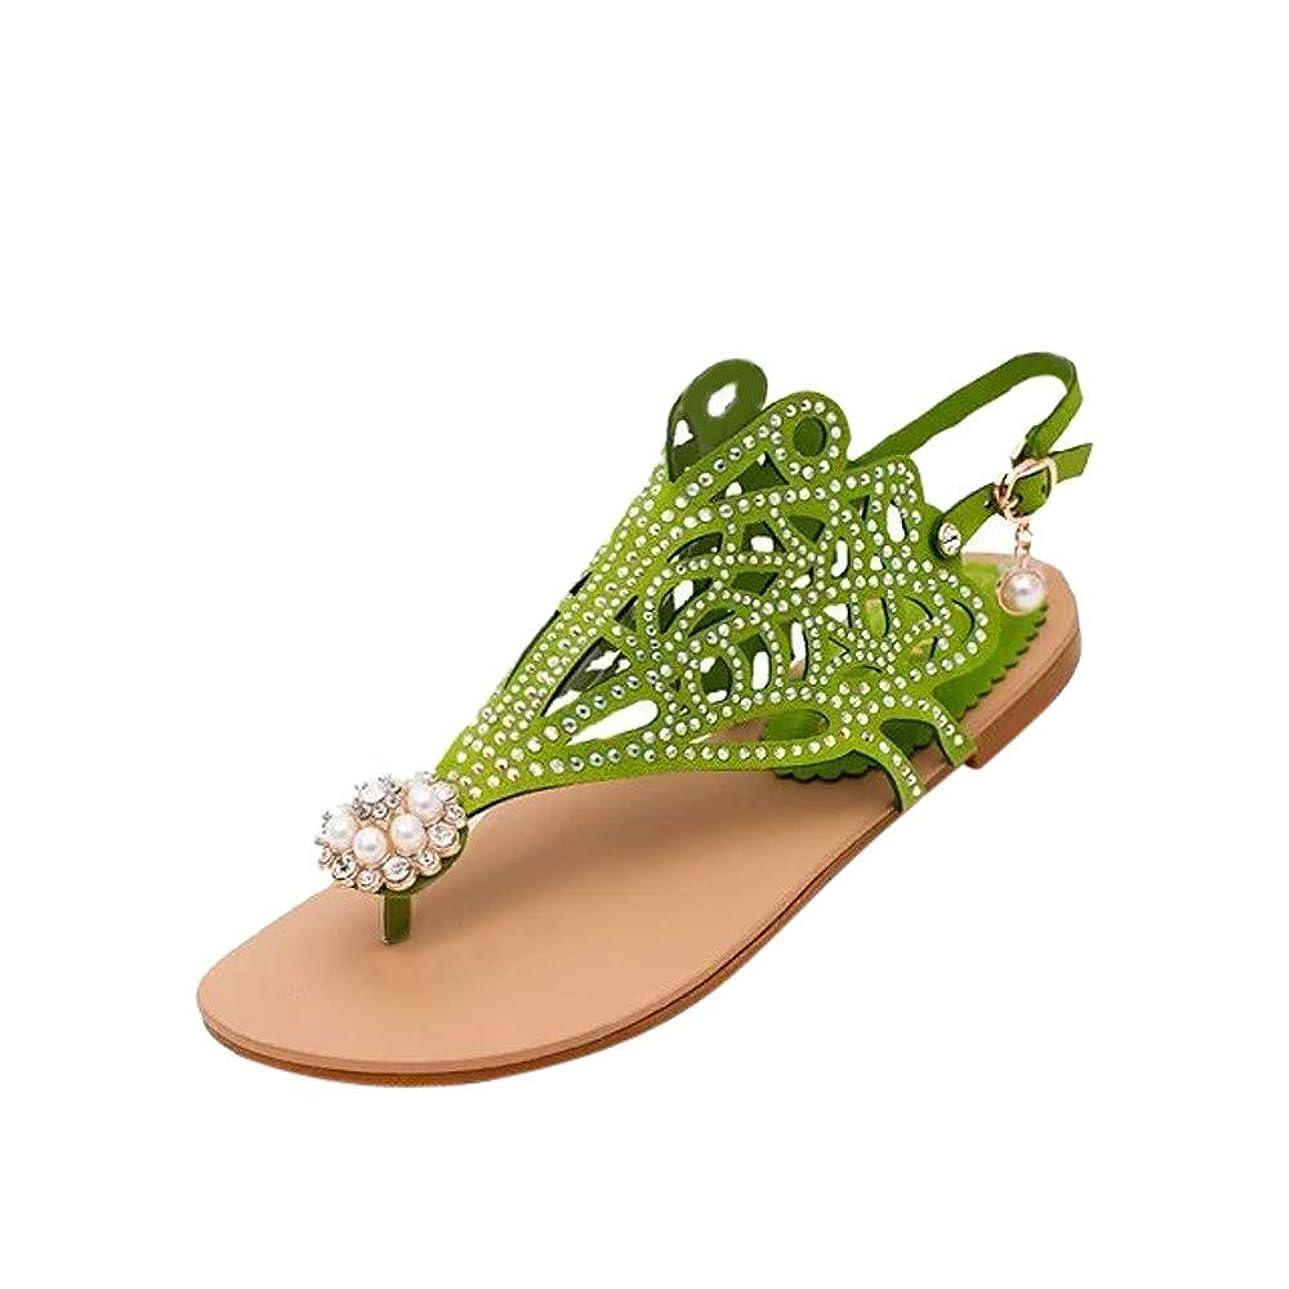 通訳ぺディカブ全くWyntroy レディース スリッパ サンダル 歩く ビーチサンダル 女性たち オープントゥサンダル 花柄 女性の靴 ファッション 歩きやすいフラットシューズ ビーチスリッパ